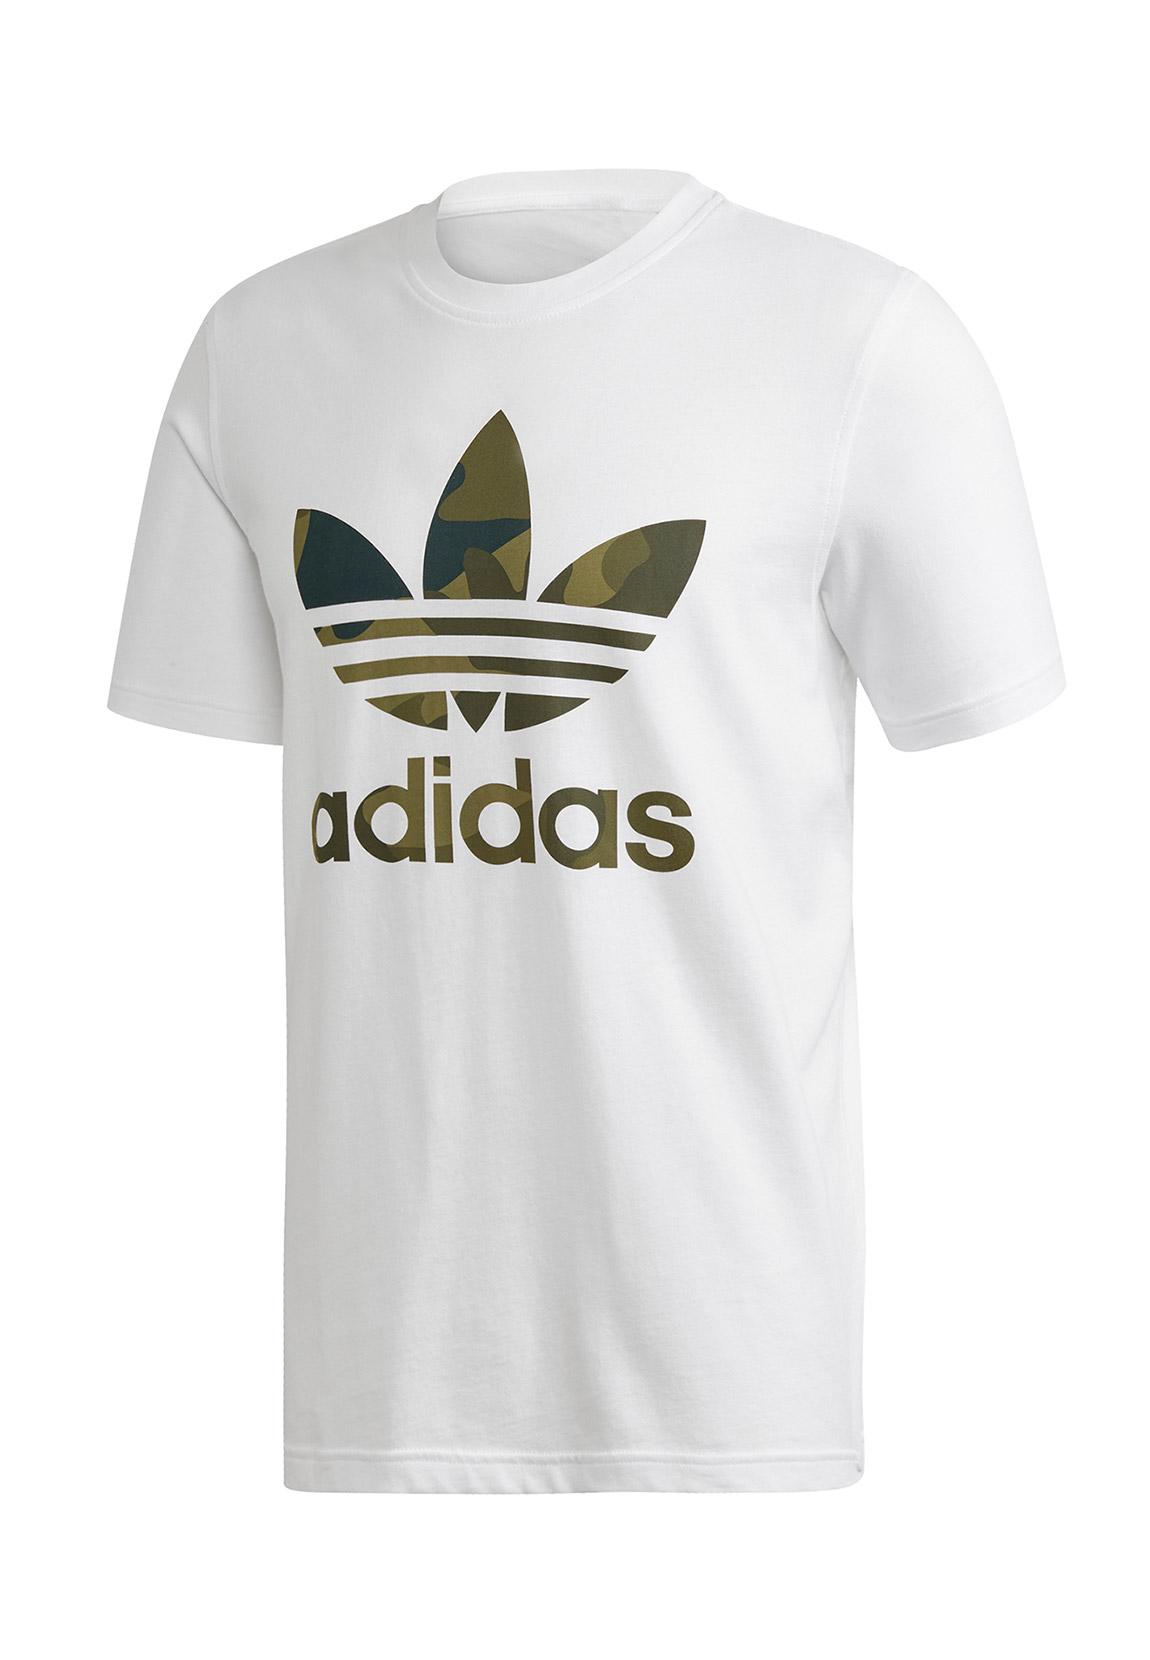 Adidas Originals T Shirt Herren CAMO INFILL TEE FM3337 Weiß